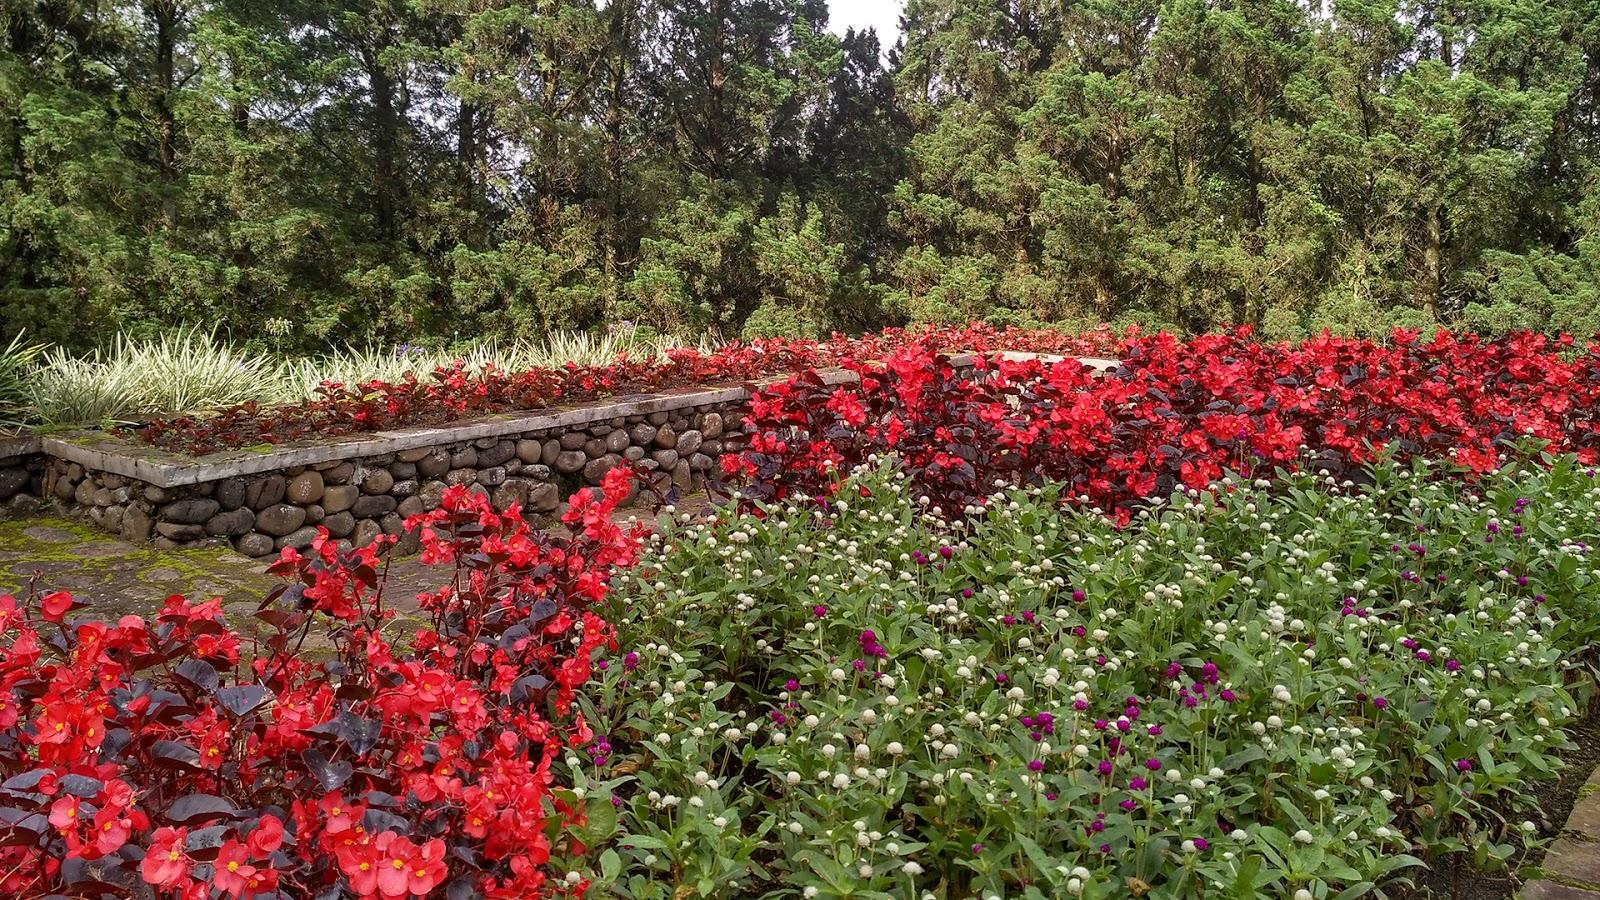 Melrimba Garden Destinasi Wisata Bunga Populer Sebuah Taman Menawarkan Hamparan